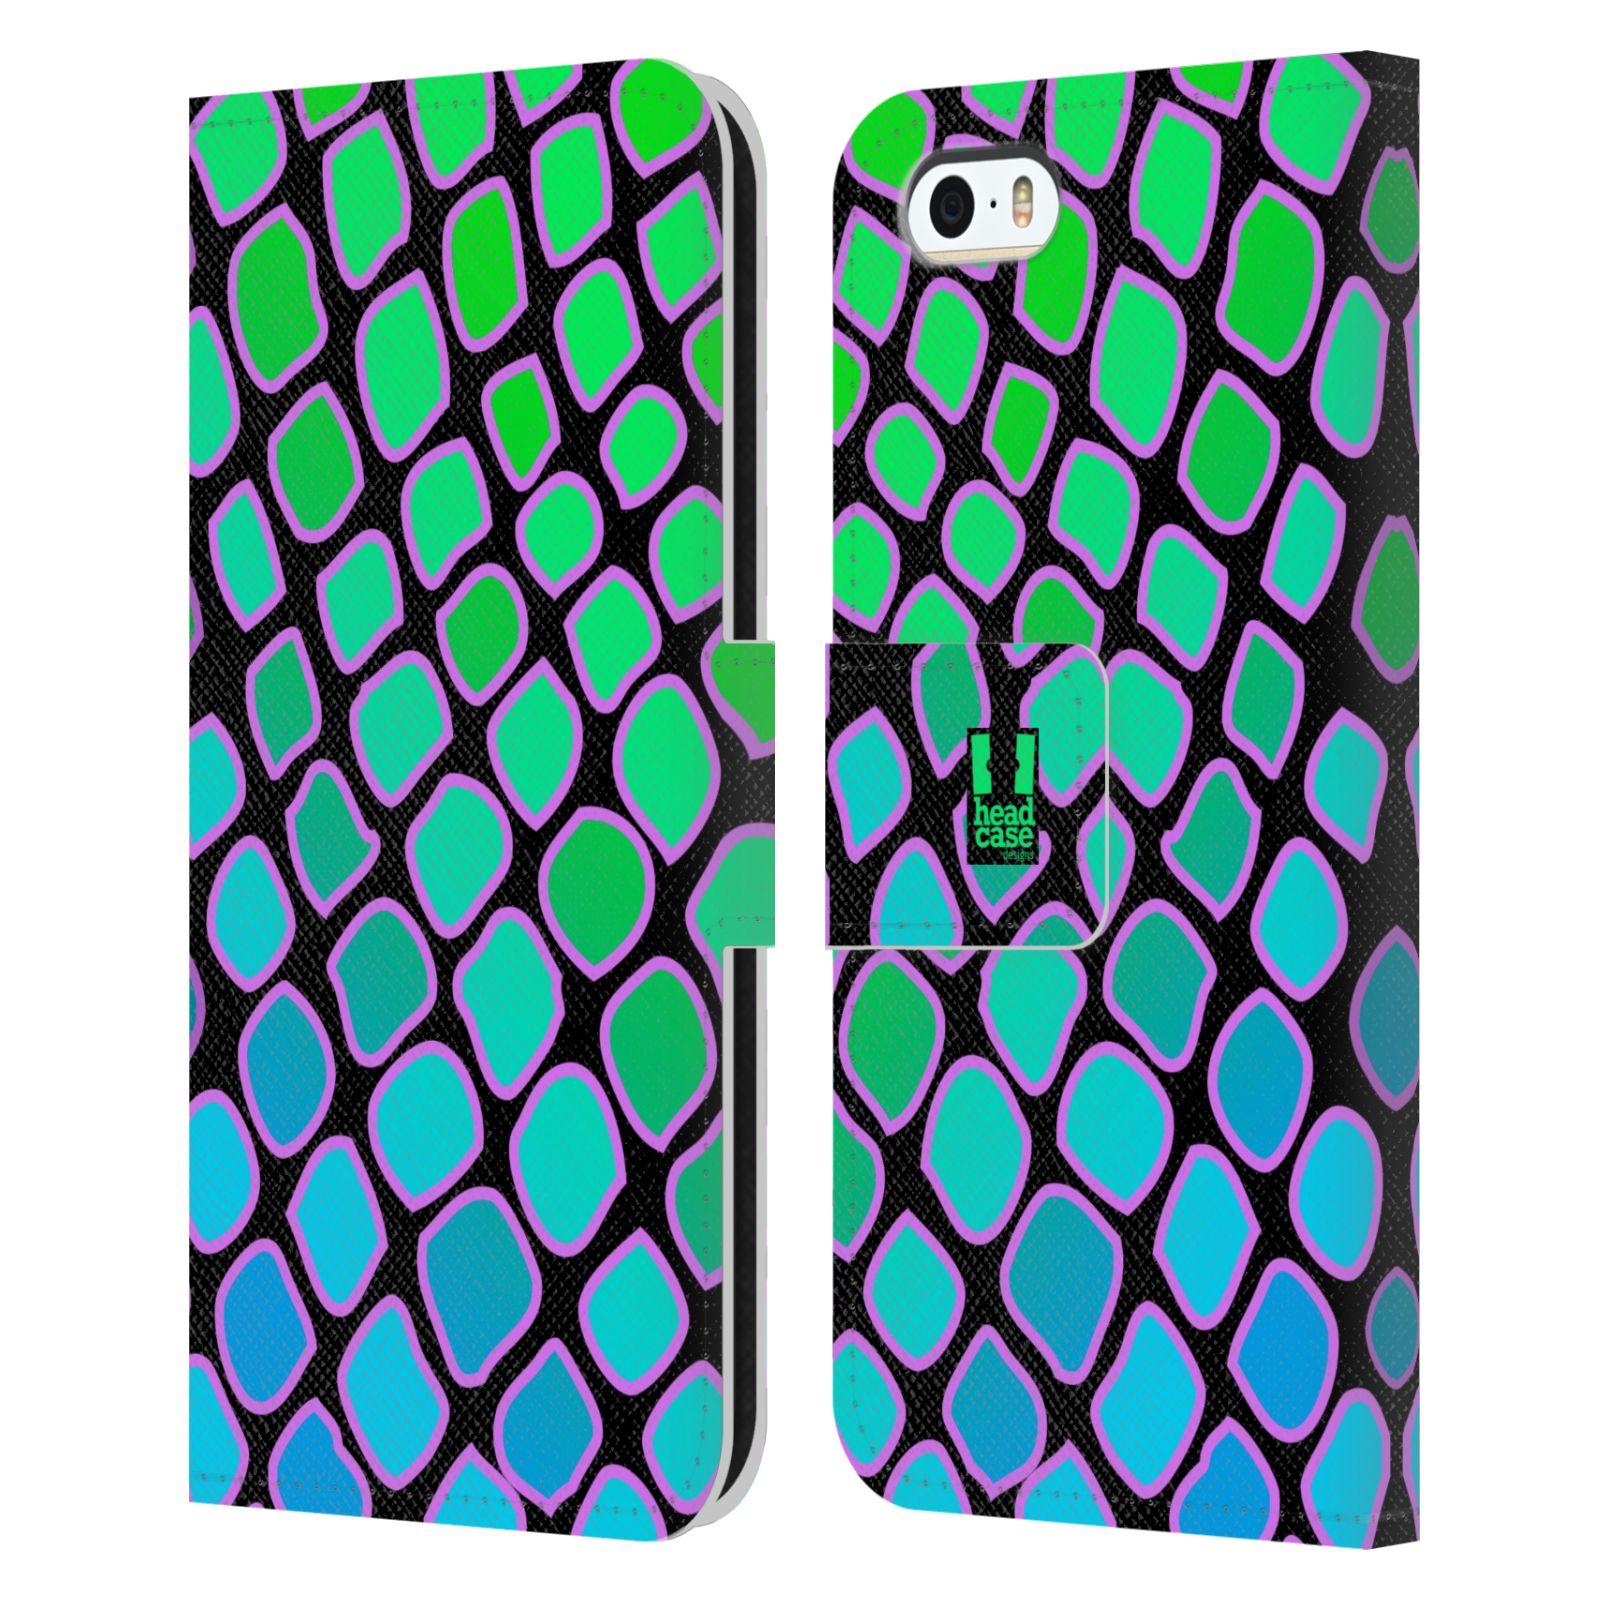 HEAD CASE Flipové pouzdro pro mobil Apple Iphone 5/5s Zvířecí barevné vzory vodní had modrá a zelená barva AQUA